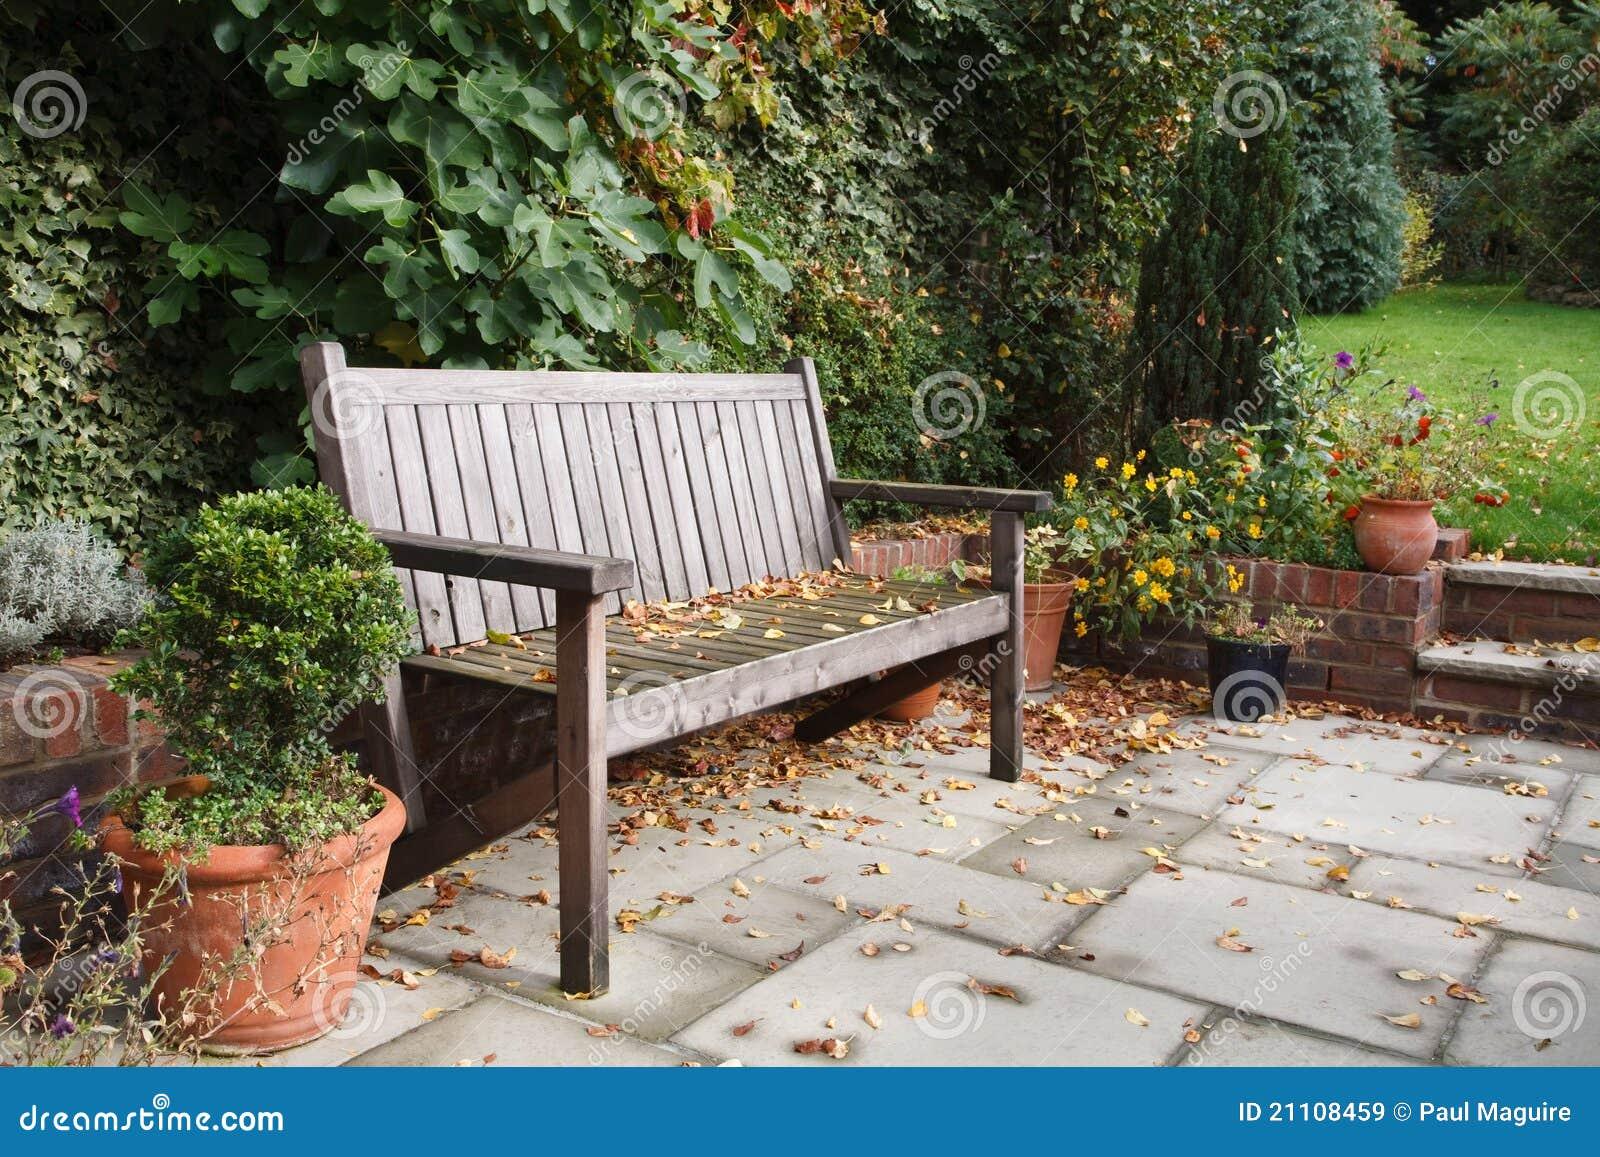 Banc de jardin dans l 39 automne images libres de droits for Banc anglais jardin